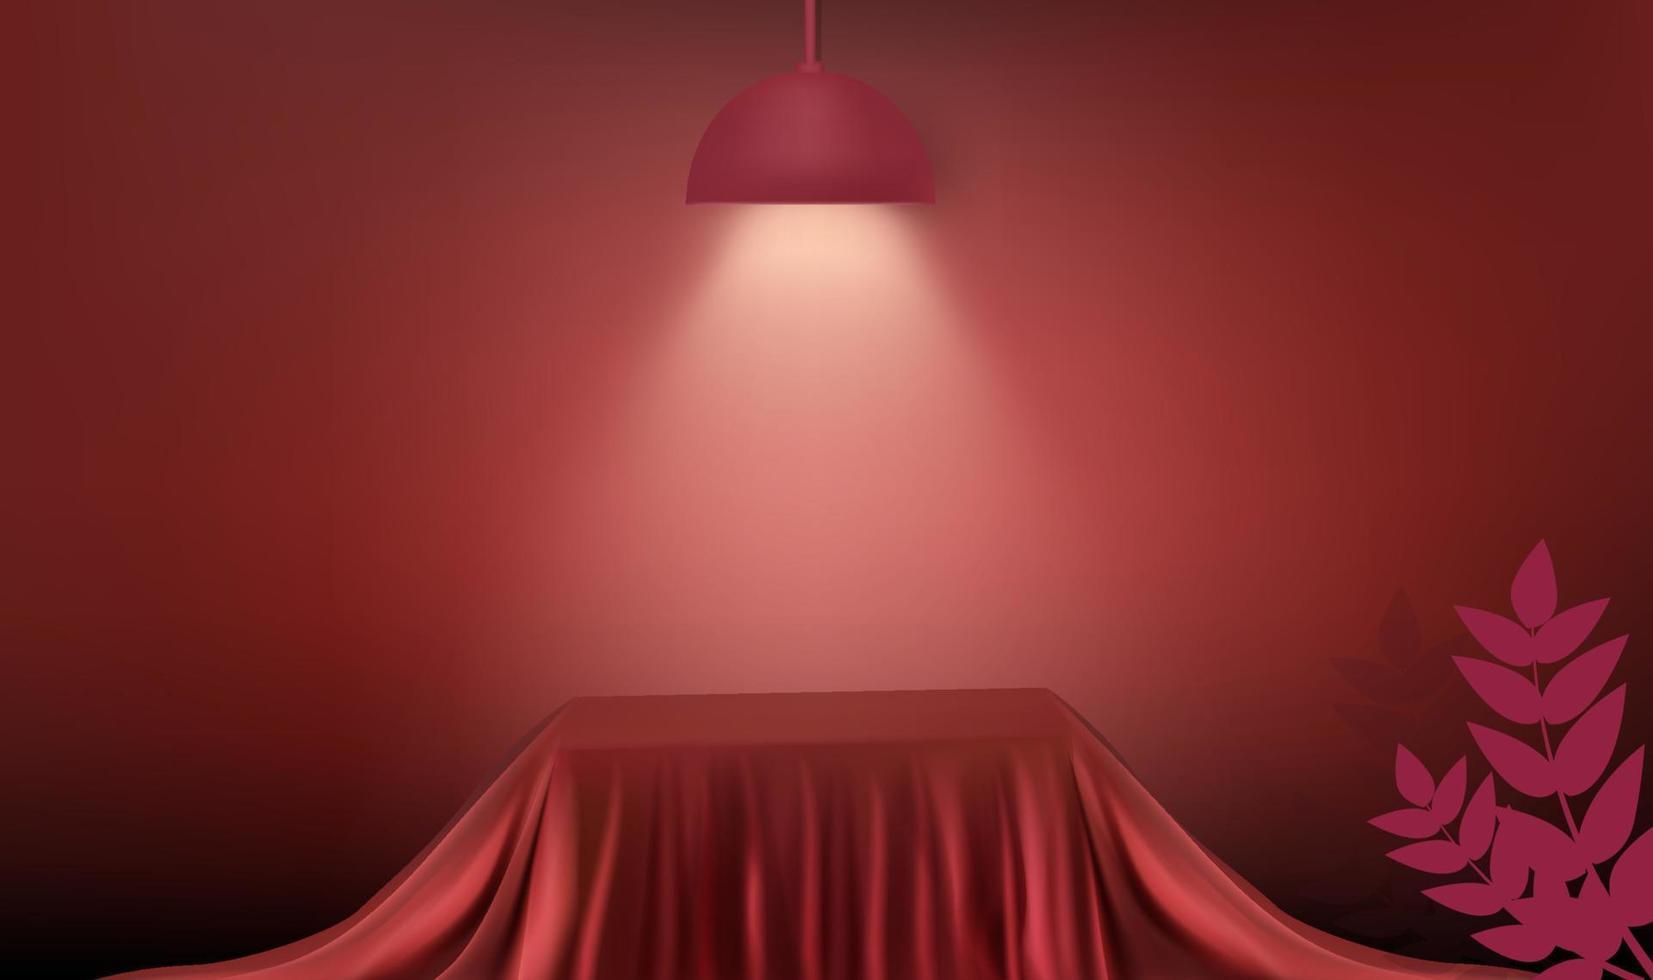 abstrakte 3D-Rendering für die Anzeige. Moderner roter Seidenstoff Würfel Podium Hintergrund leerer Raum mit Lampe und Licht vektor